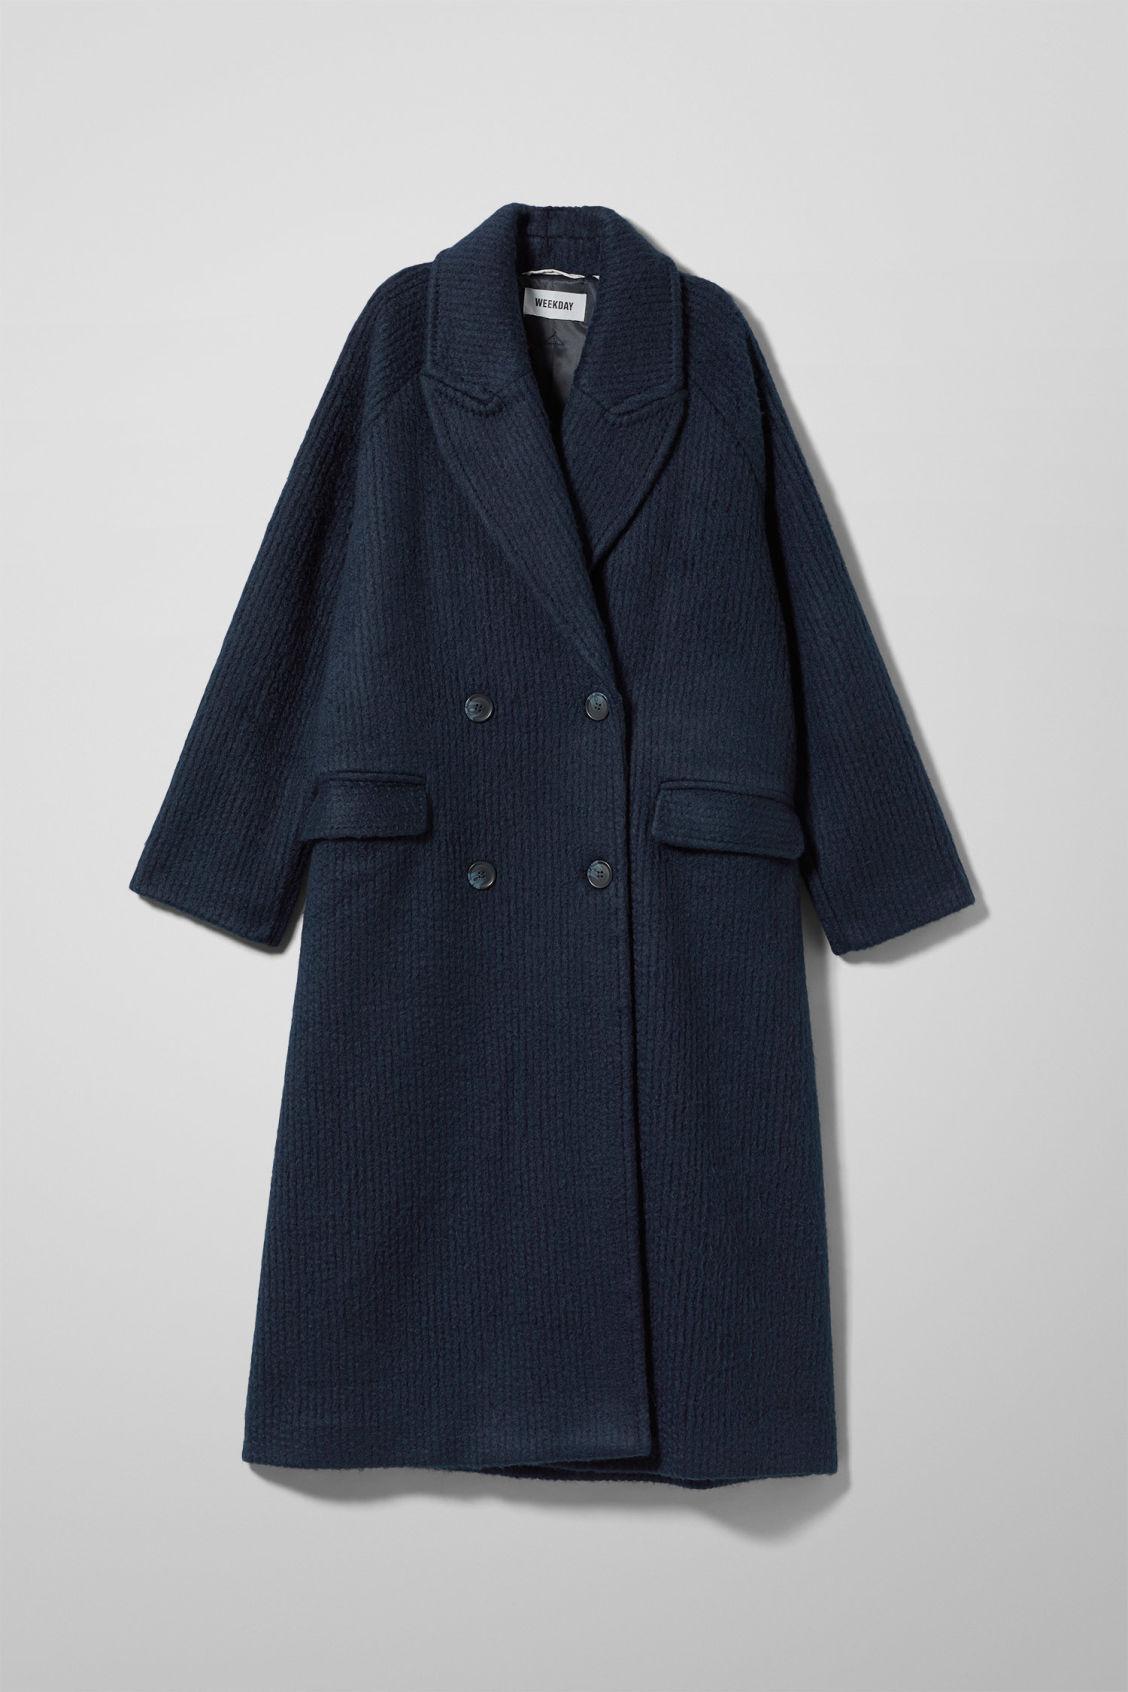 Chenda Coat Blue Jackets Coats Weekday